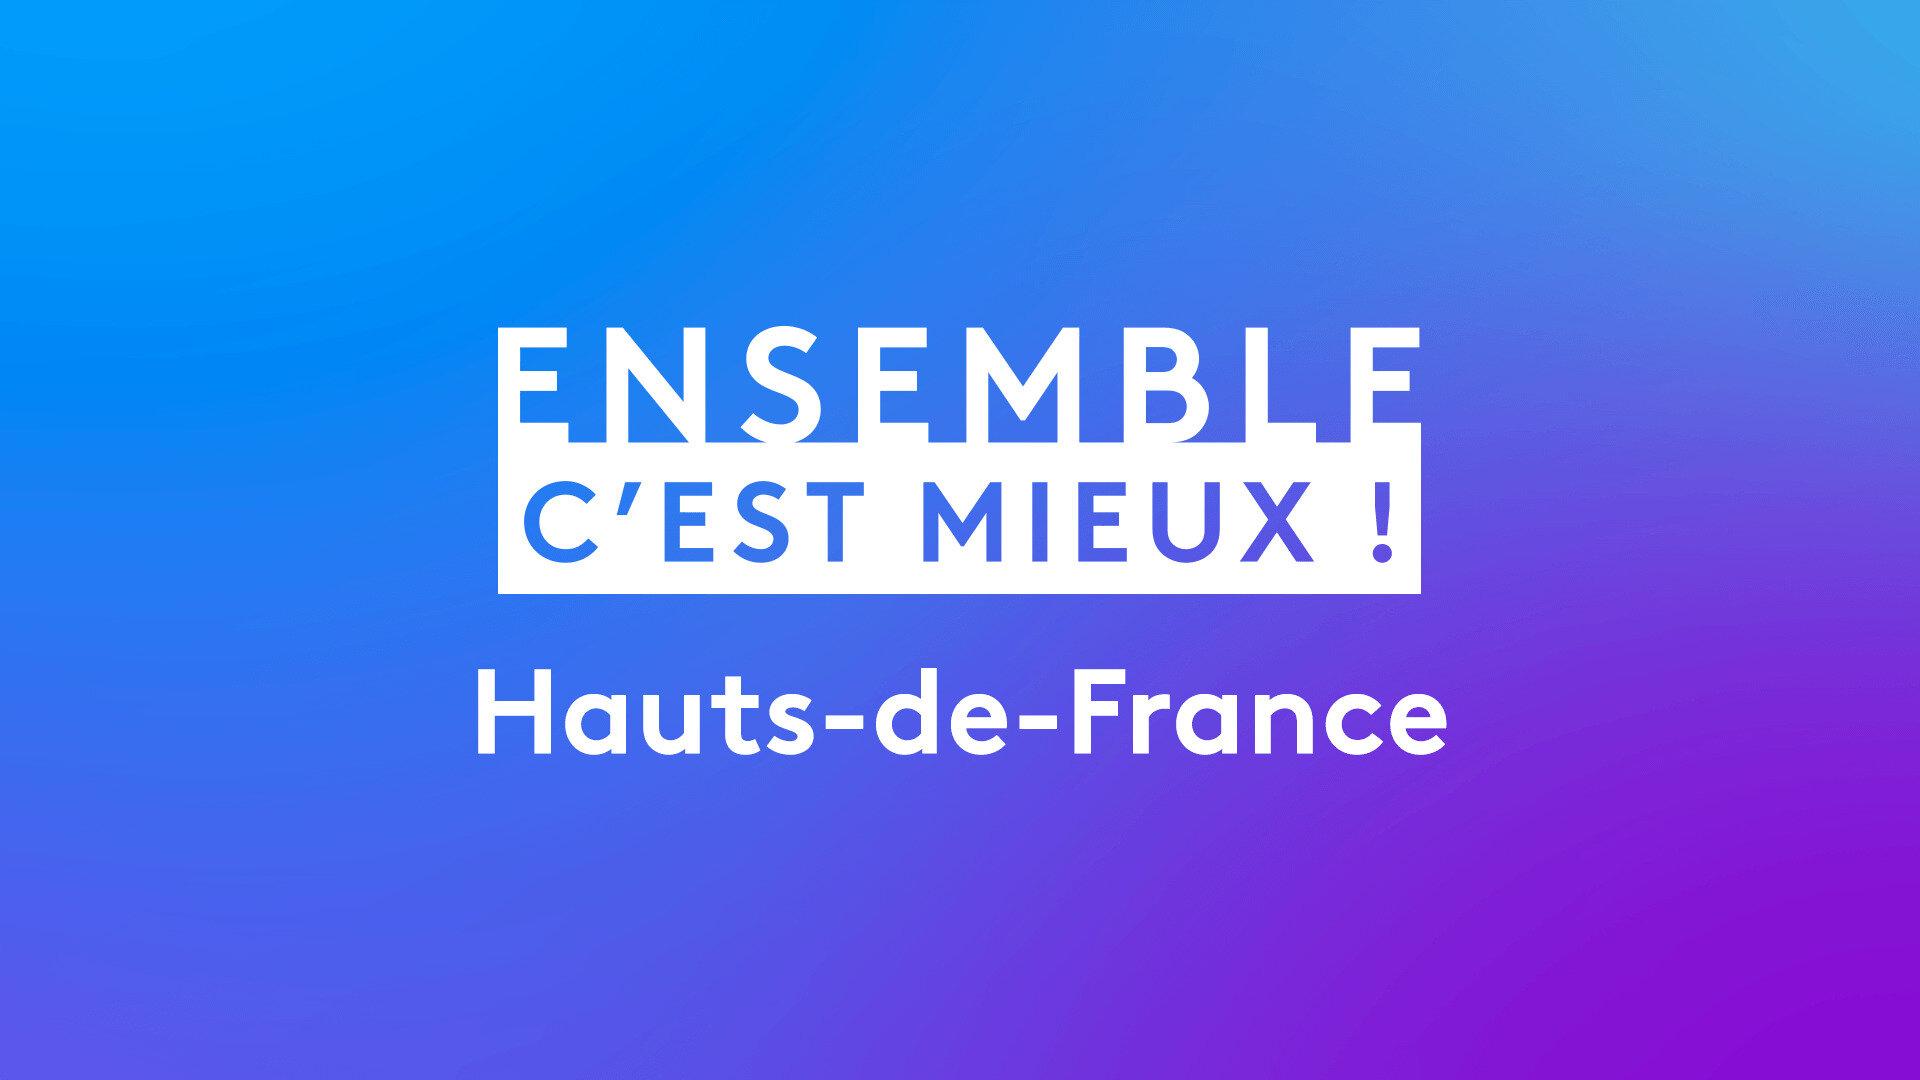 Ensemble c'est mieux ! Hauts-de-France : Le travail du vitrail à Esquerchin (59)